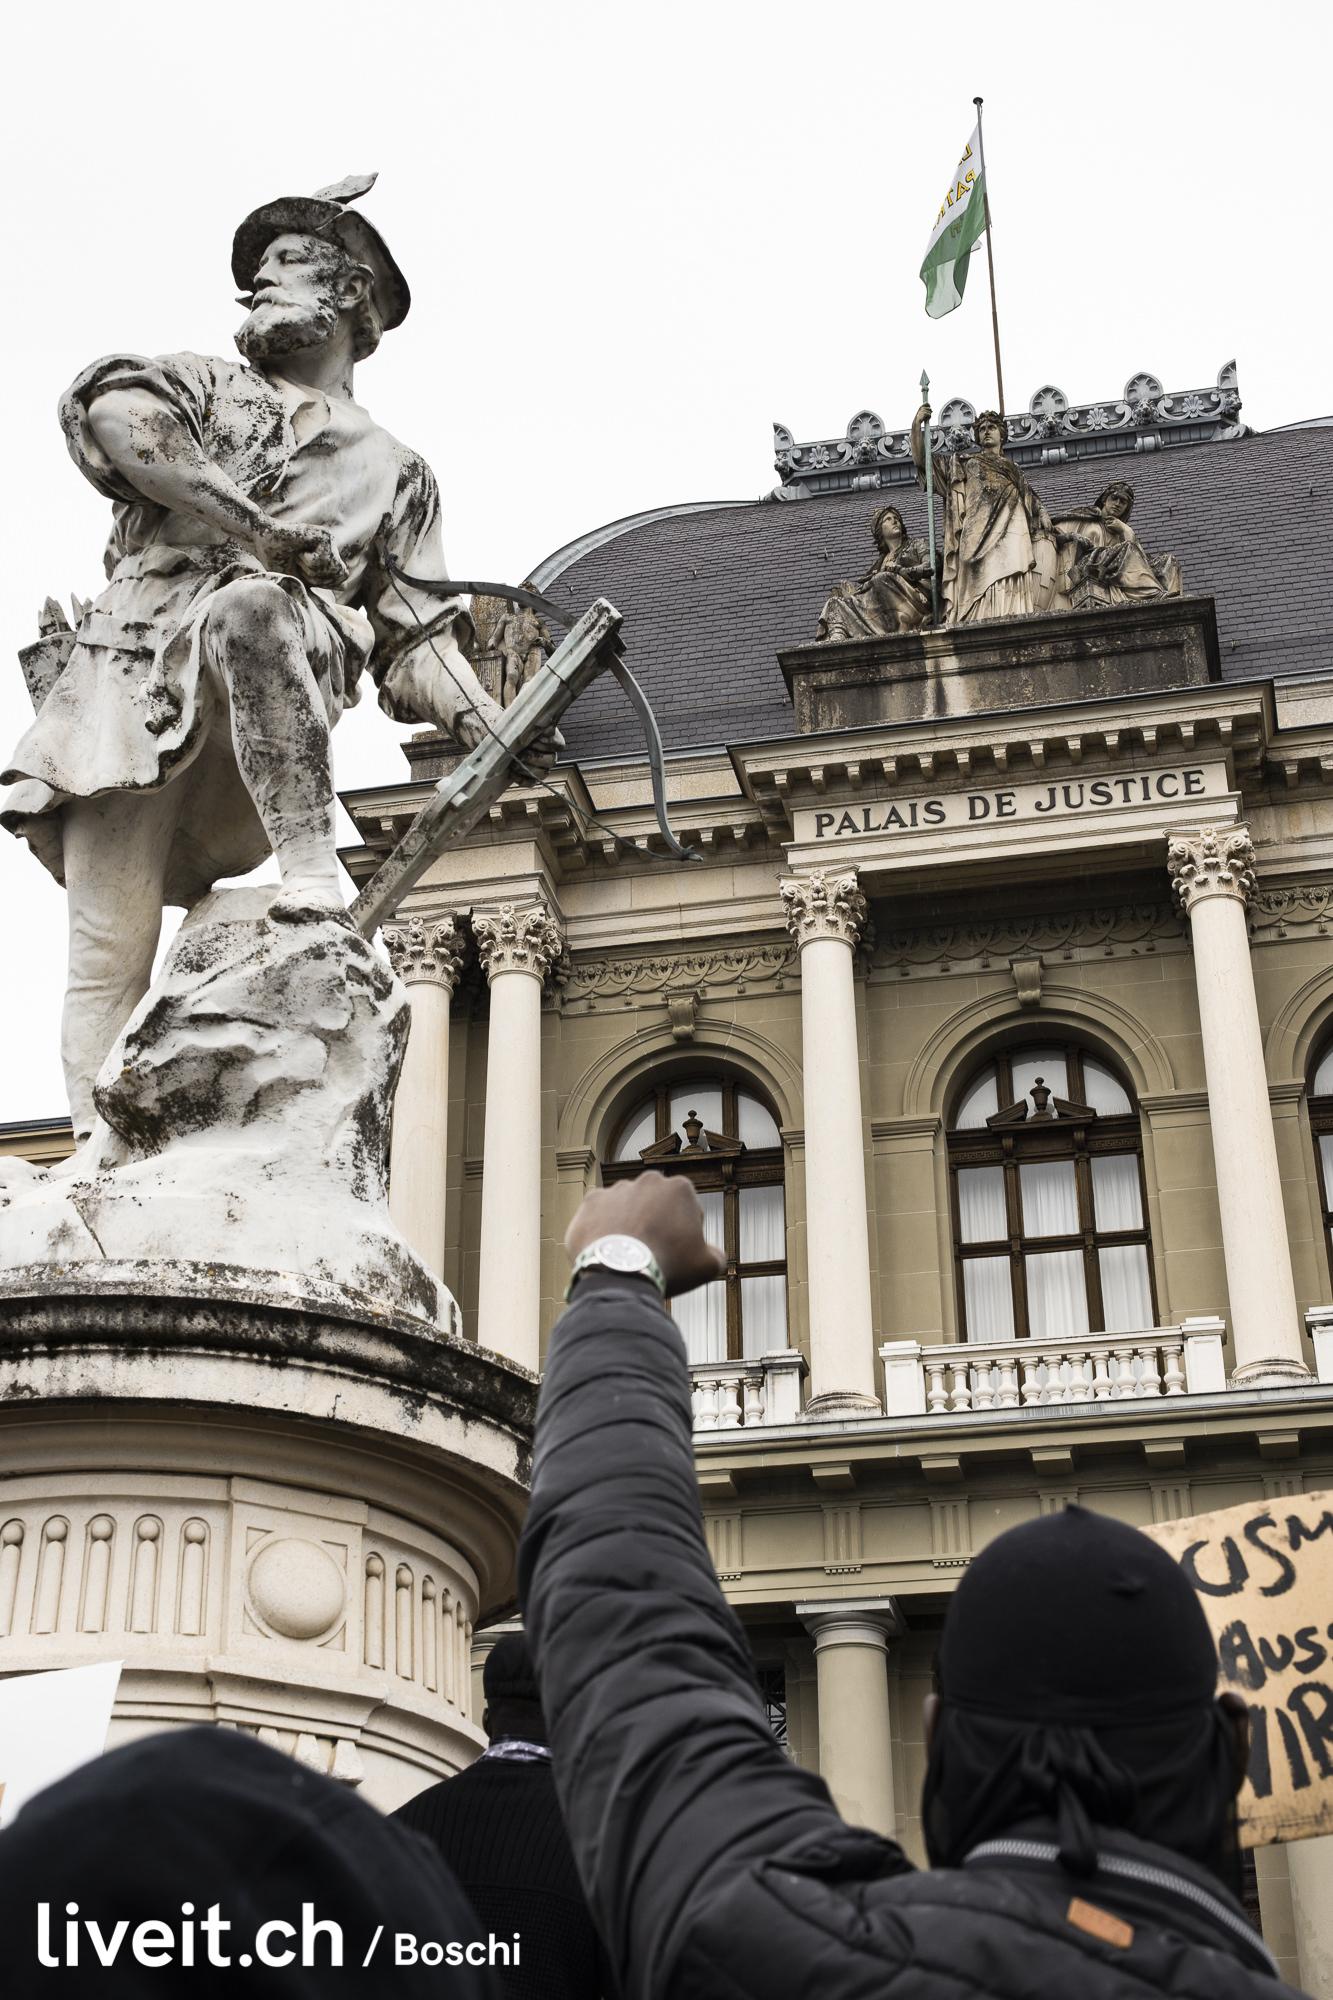 Die Back lives matter Kundgebung fotografiert am Sonntag den 08.Juni in Lausanne. Bild: Simon Boschi/liveit.ch(liveit.ch/boschi)